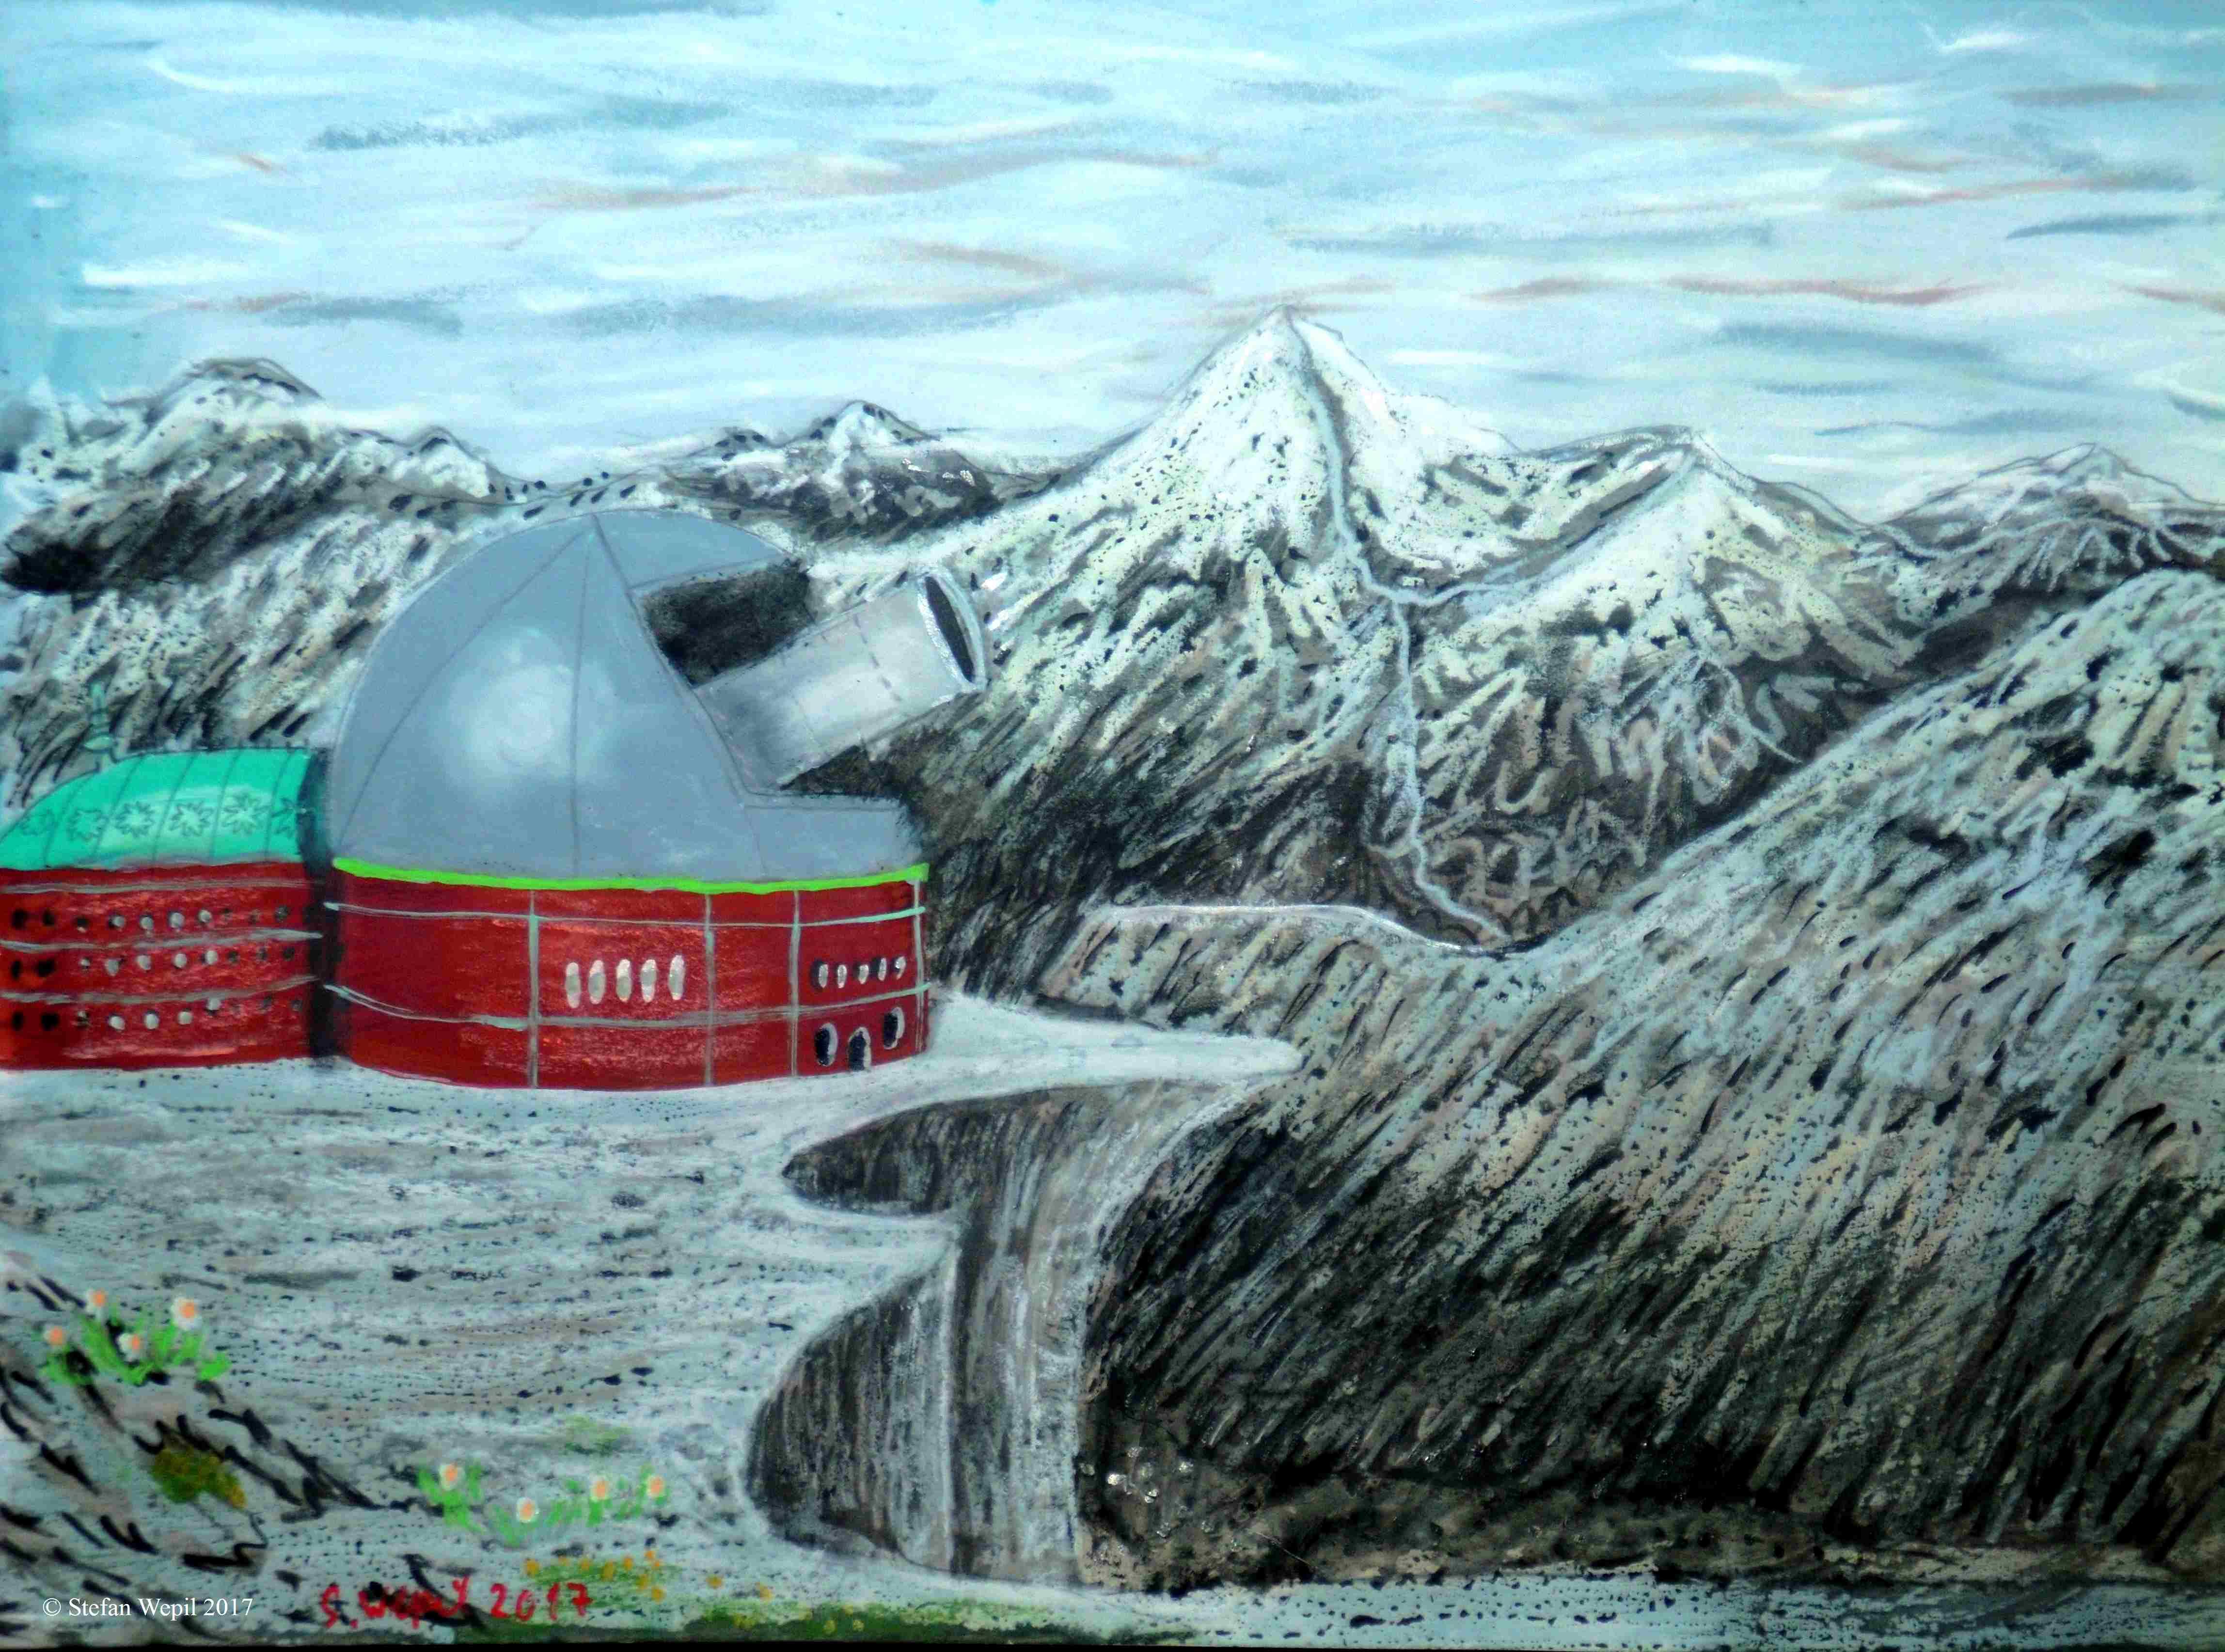 Das Observatorium auf dem Berg Tevit (C) Stefan Wepil